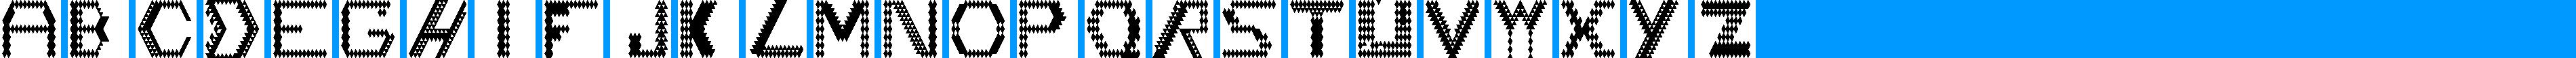 Particip-a-type v.167